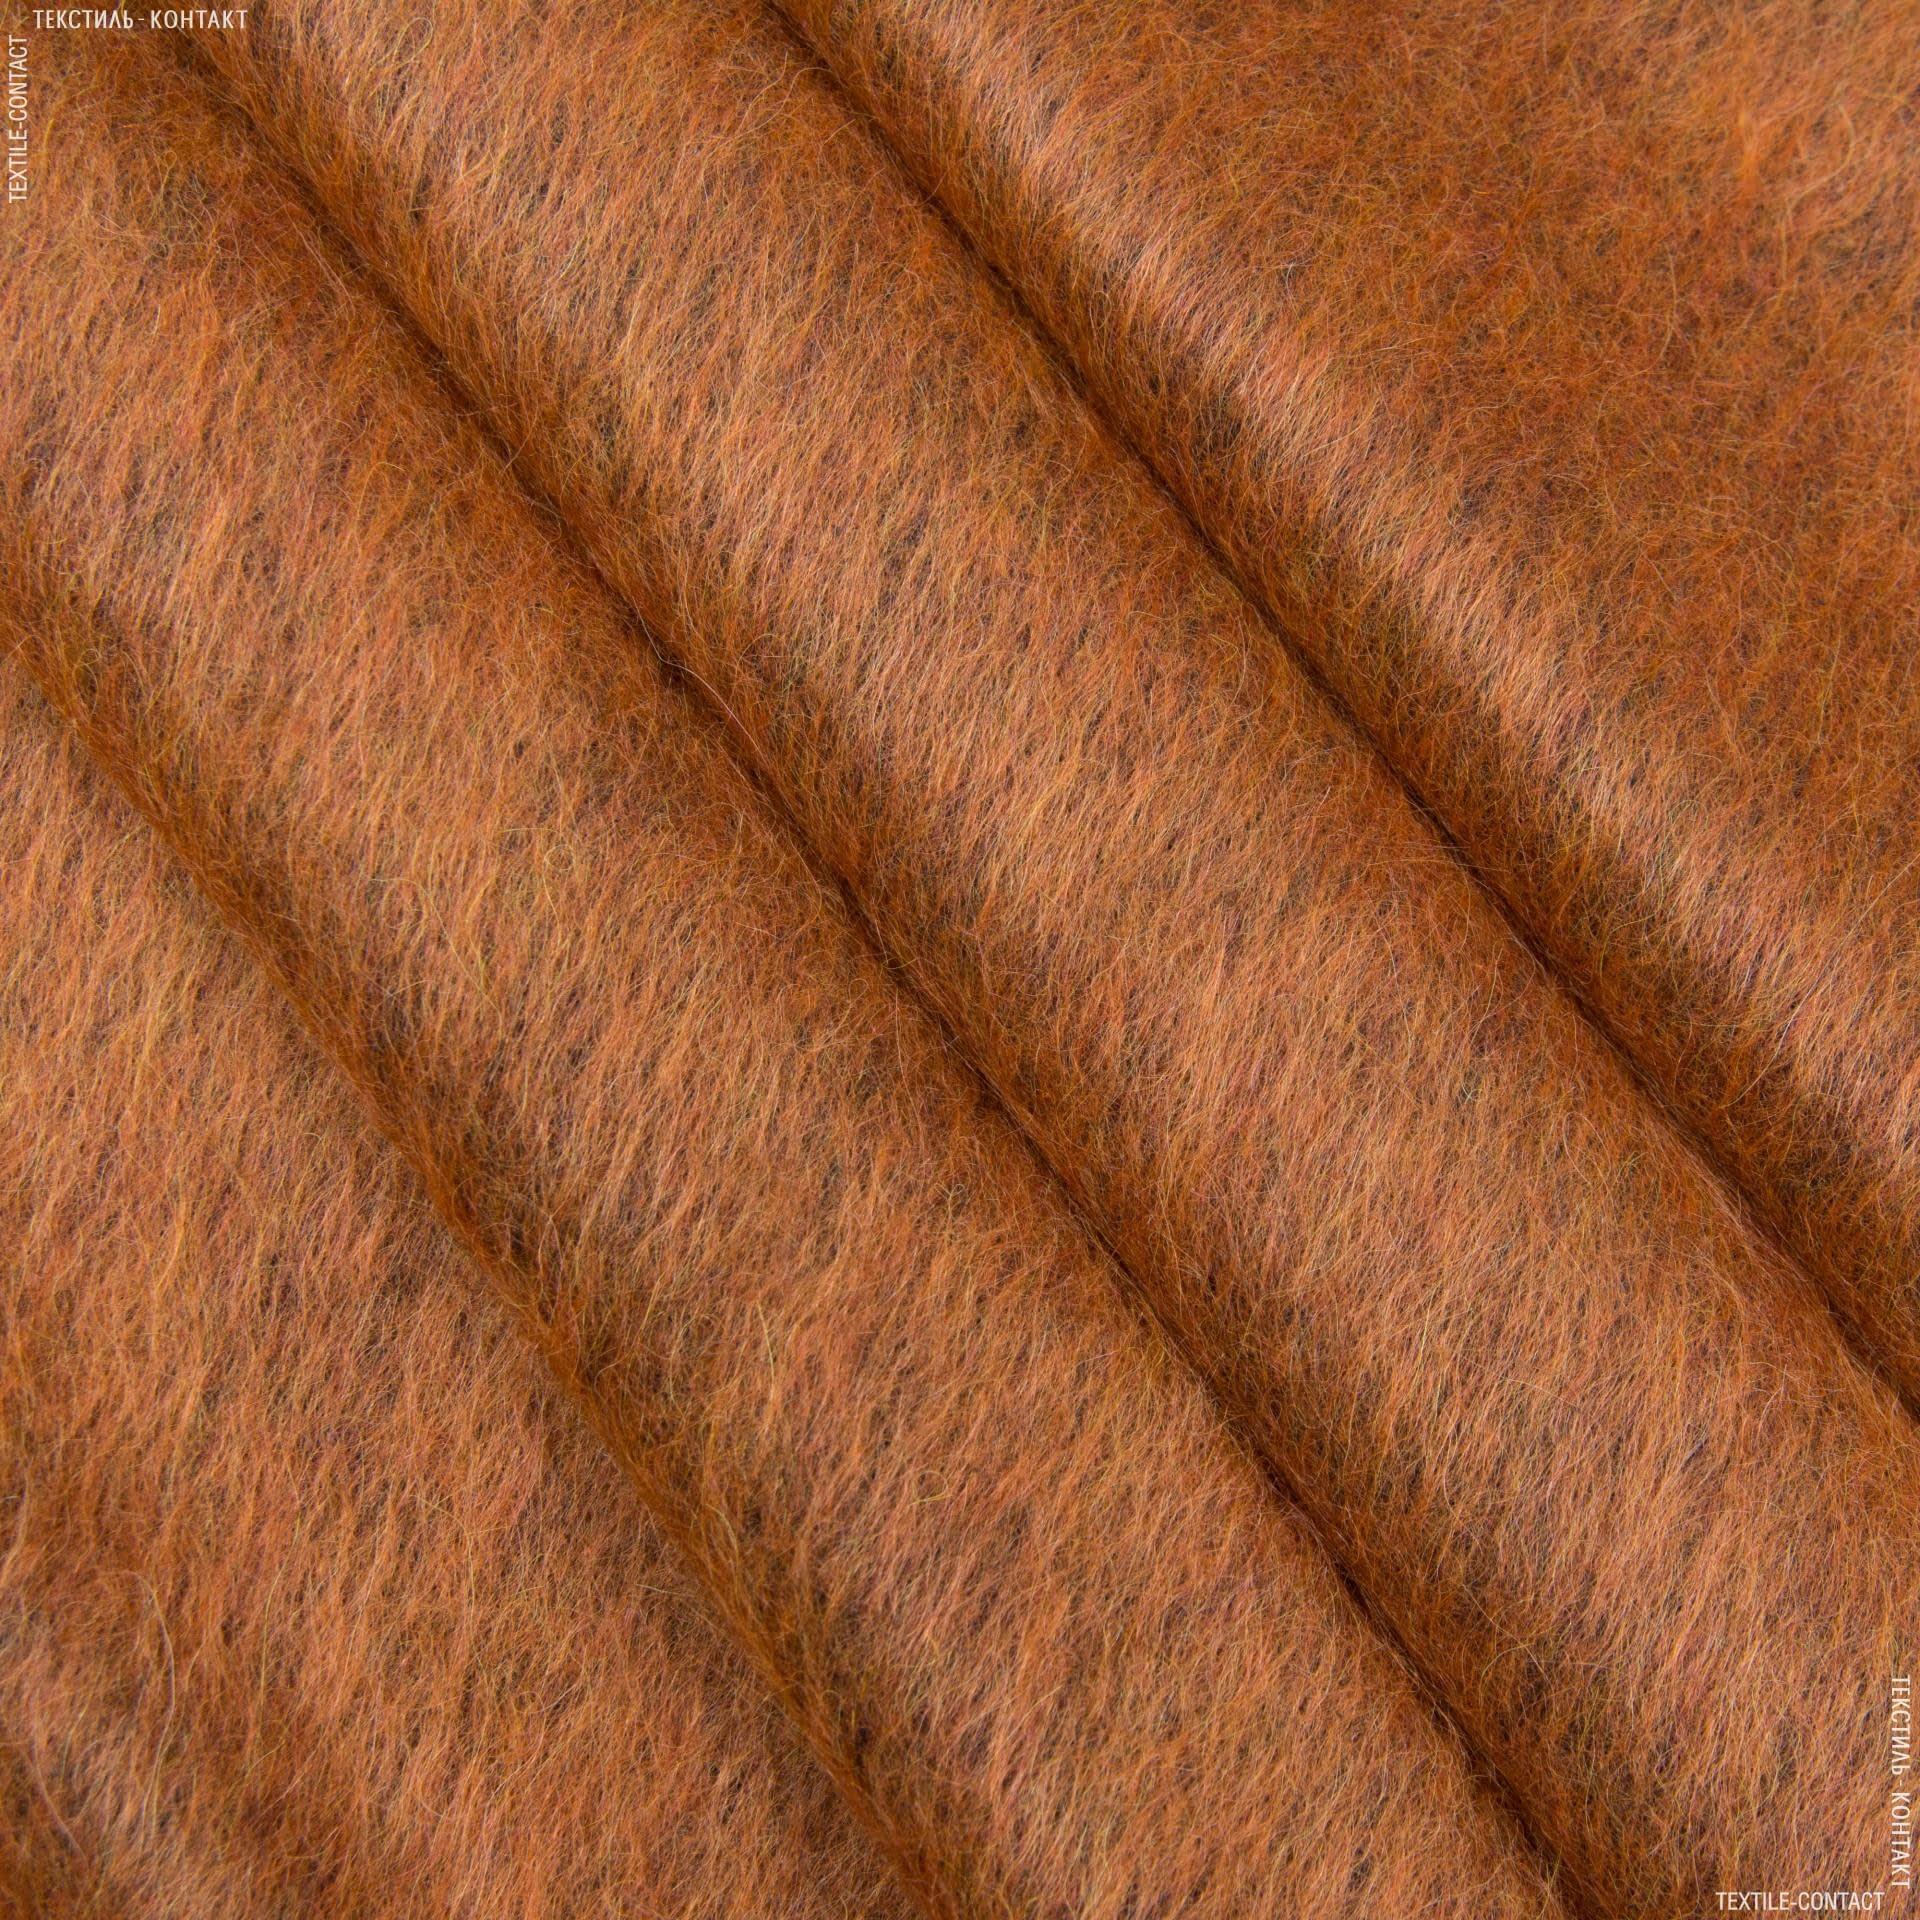 Ткани для верхней одежды - Пальтовая ворсовая оранжевый